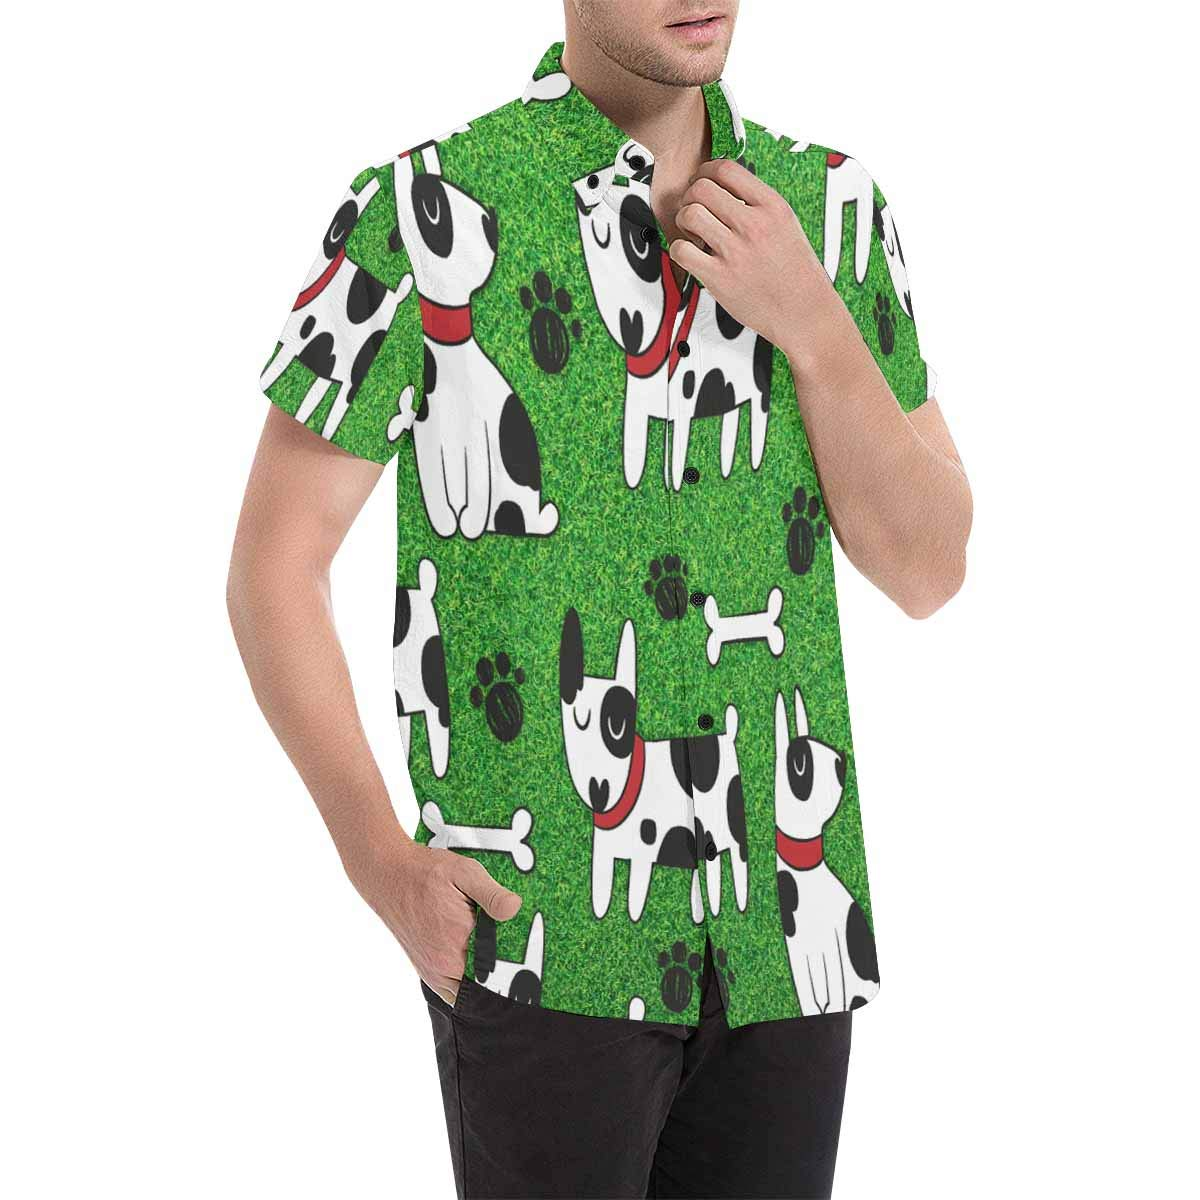 InterestPrint Cute Dogs Green Casual Regular Fit Button Down Shirts Short Sleeve for Men